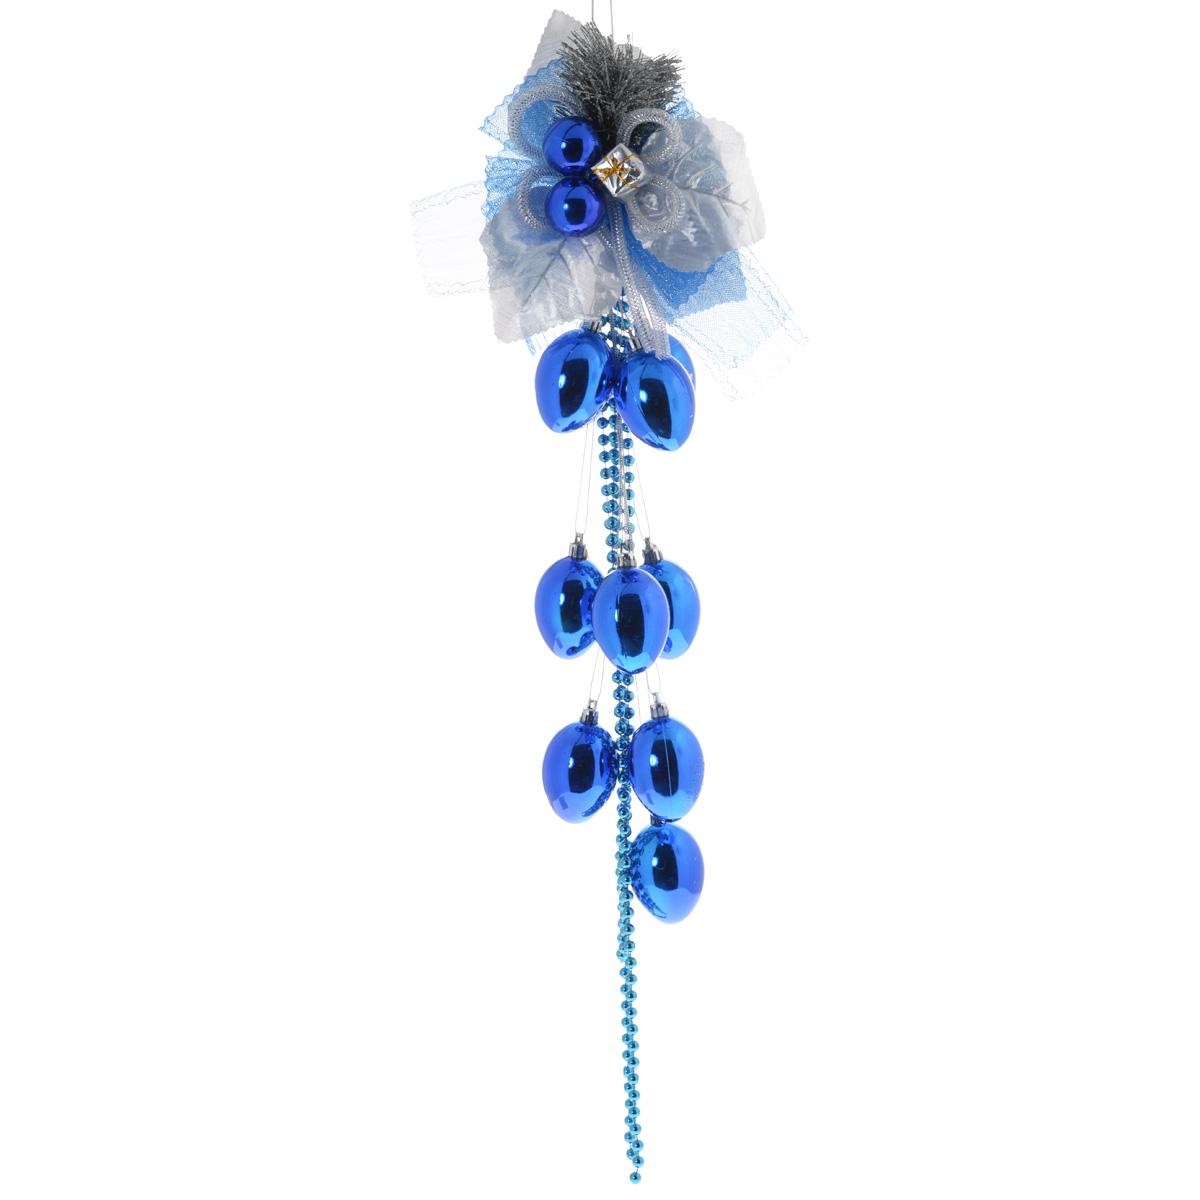 Новогоднее подвесное украшение Sima-land Бант, цвет: синий, длина 74 см733896синийНовогоднее украшение Sima-land Бант отлично подойдет для декорации вашего дома и новогодней ели. Украшение выполнено в виде декоративной подвесной композиции из текстильного банта, пластиковых еловых веток, бус, колокольчиков. Украшение оснащено текстильной петелькой для подвешивания. Елочная игрушка - символ Нового года. Она несет в себе волшебство и красоту праздника. Создайте в своем доме атмосферу веселья и радости, украшая всей семьей новогоднюю елку нарядными игрушками, которые будут из года в год накапливать теплоту воспоминаний.